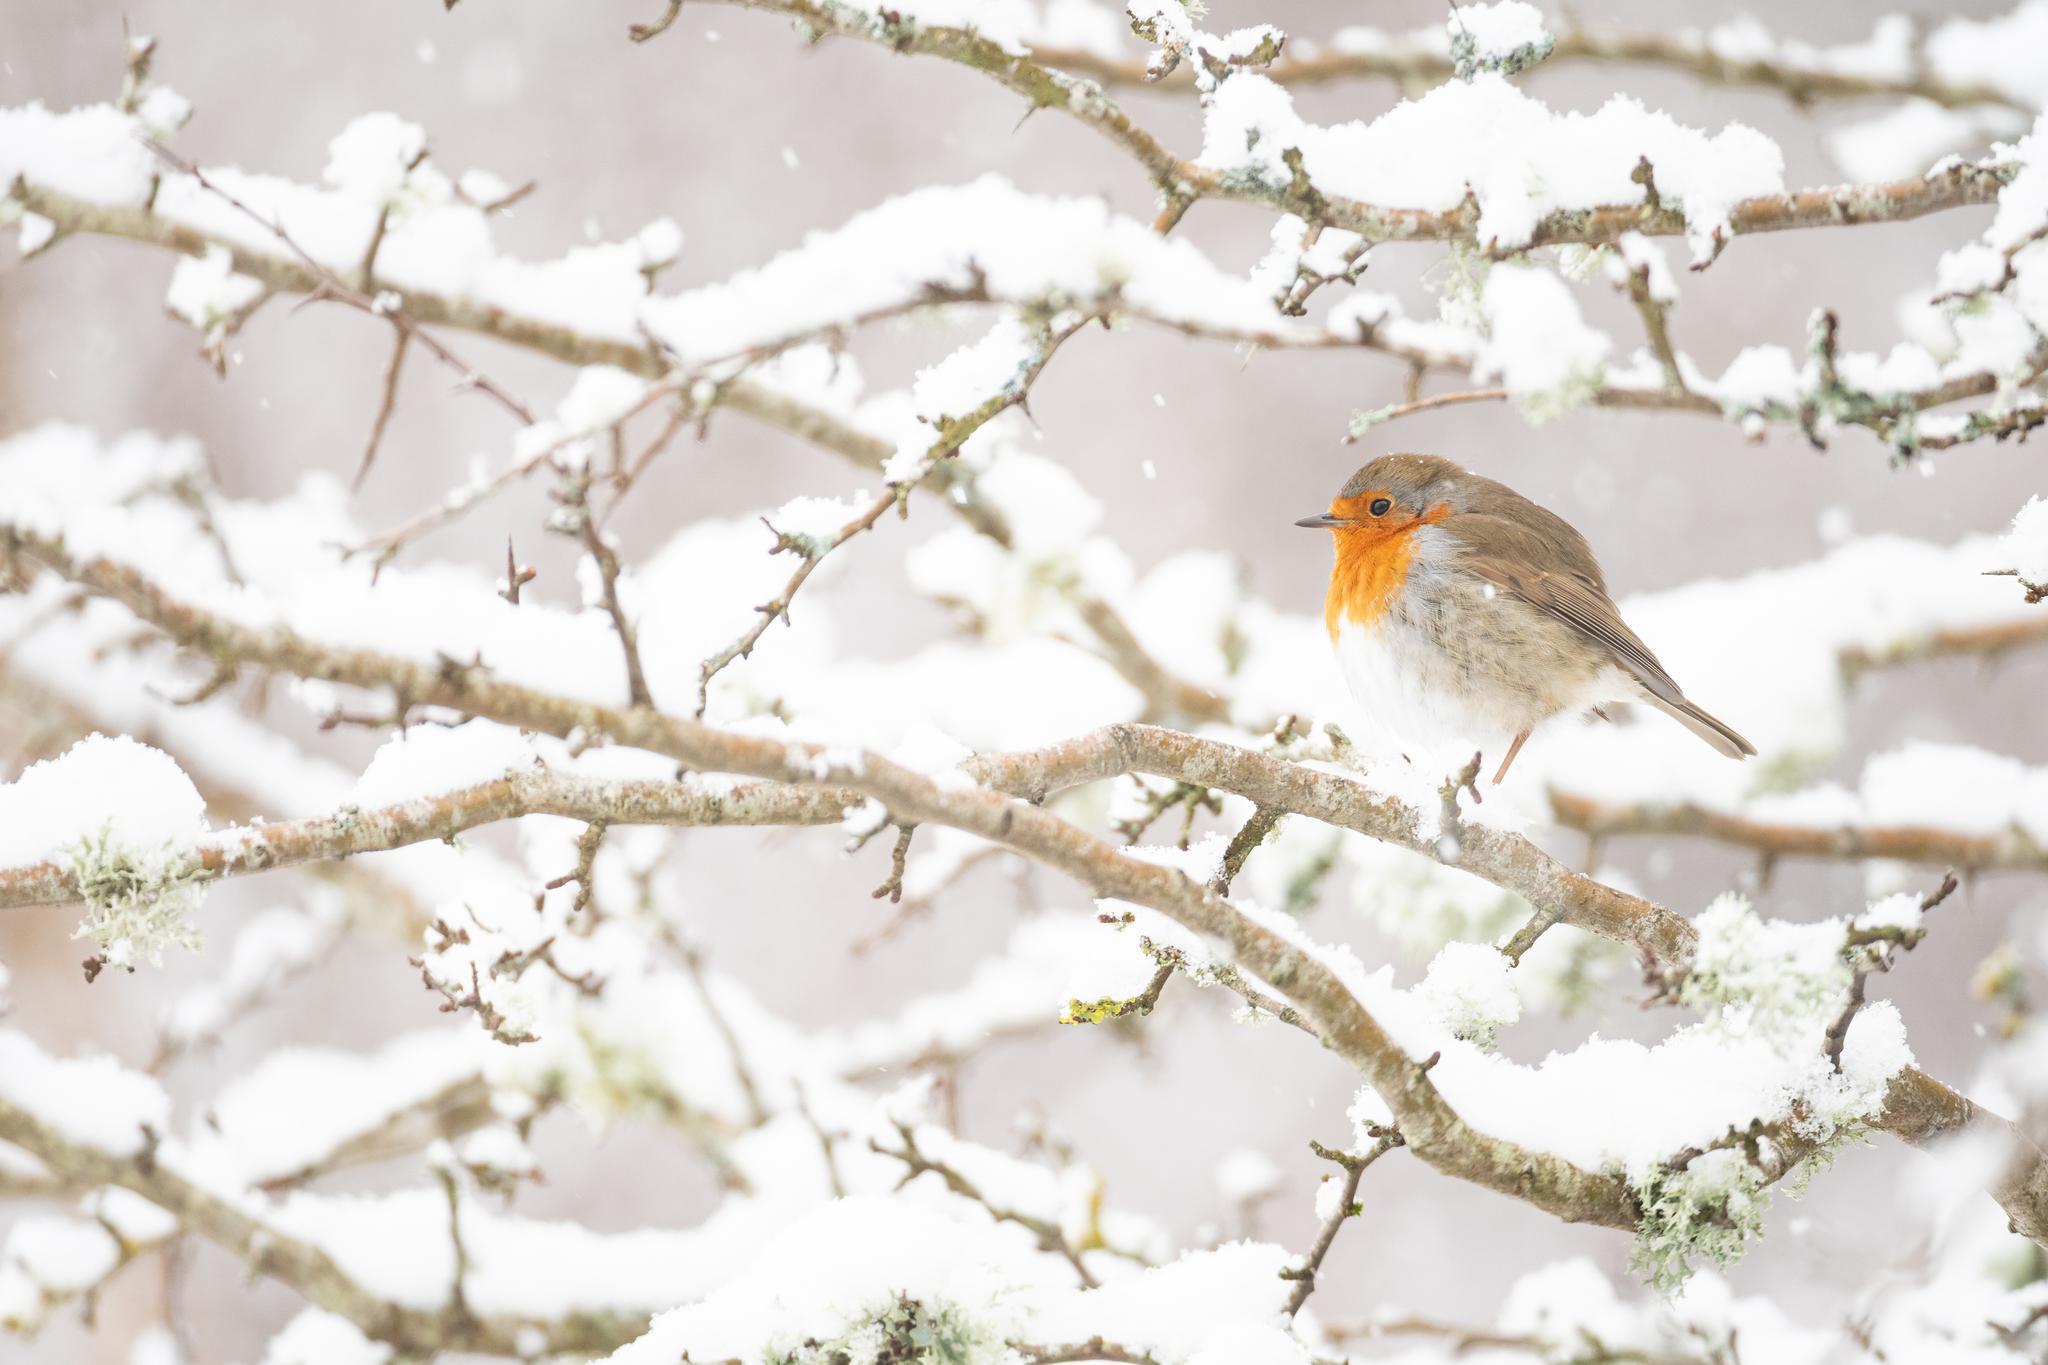 英国威尔士大雪丨鸟儿伫立枝头静如画